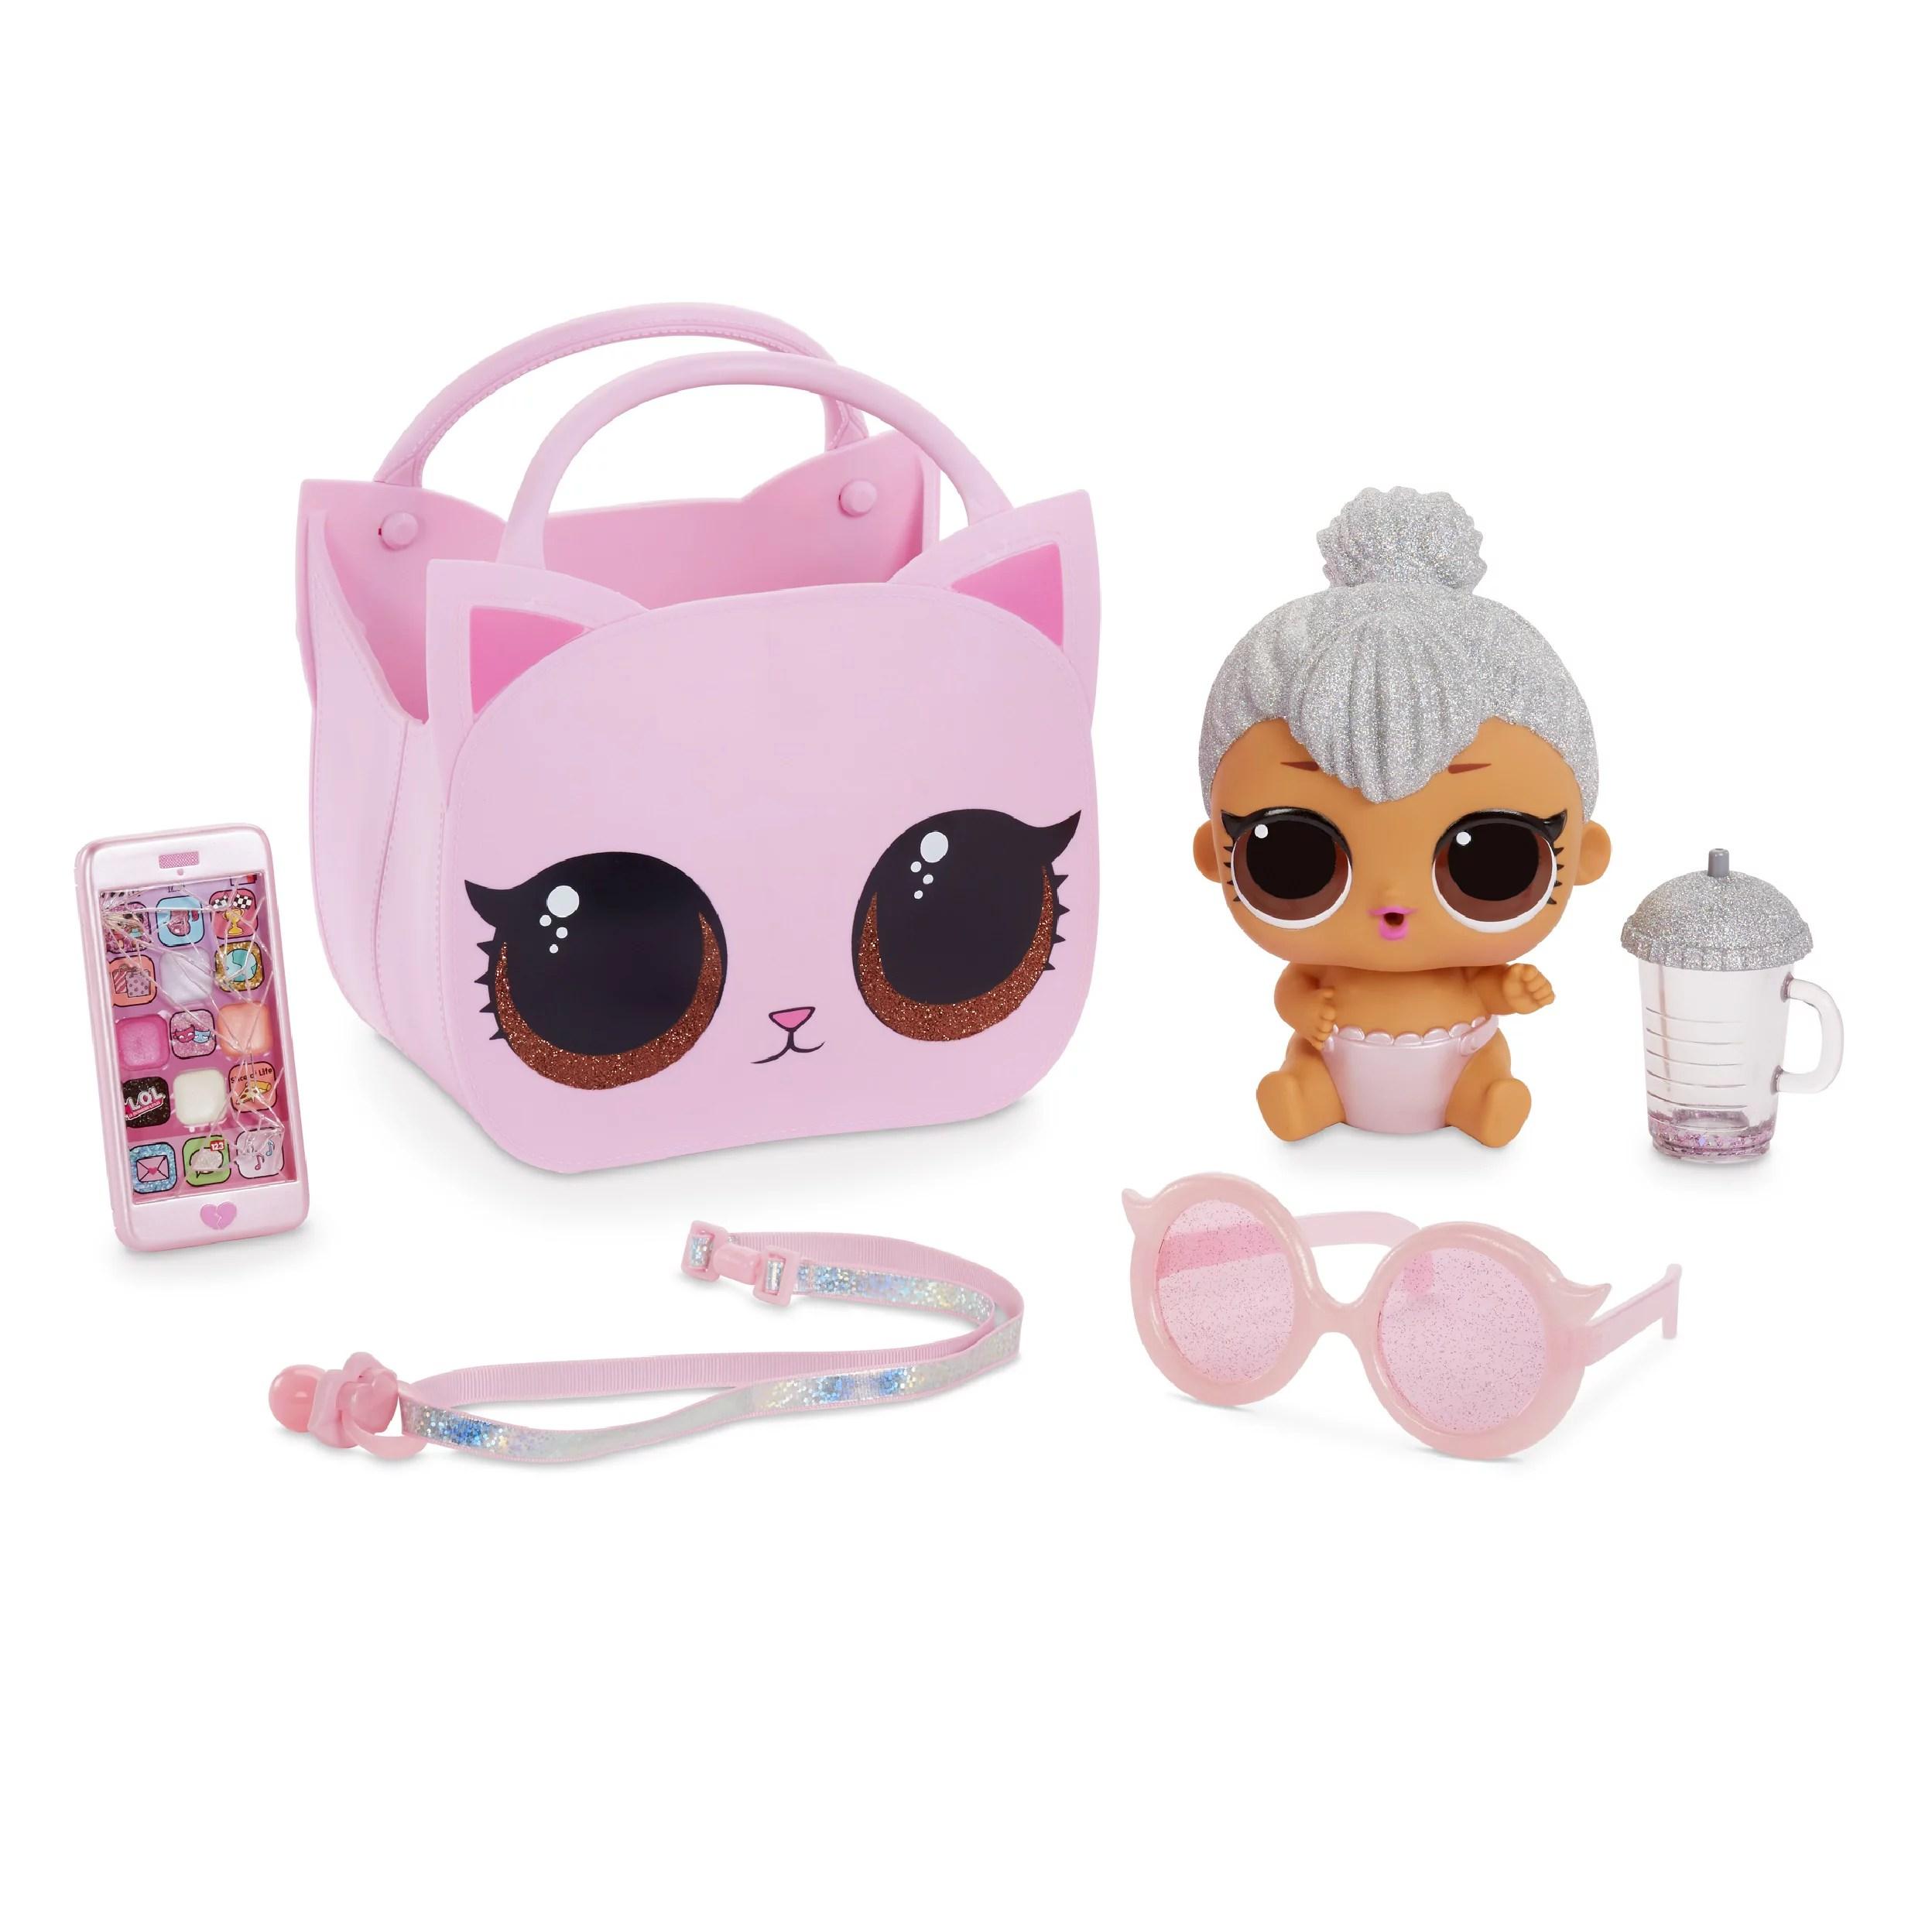 L.O.L. Surprise! Ooh La La Baby Surprise Lil Kitty Queen with Purse